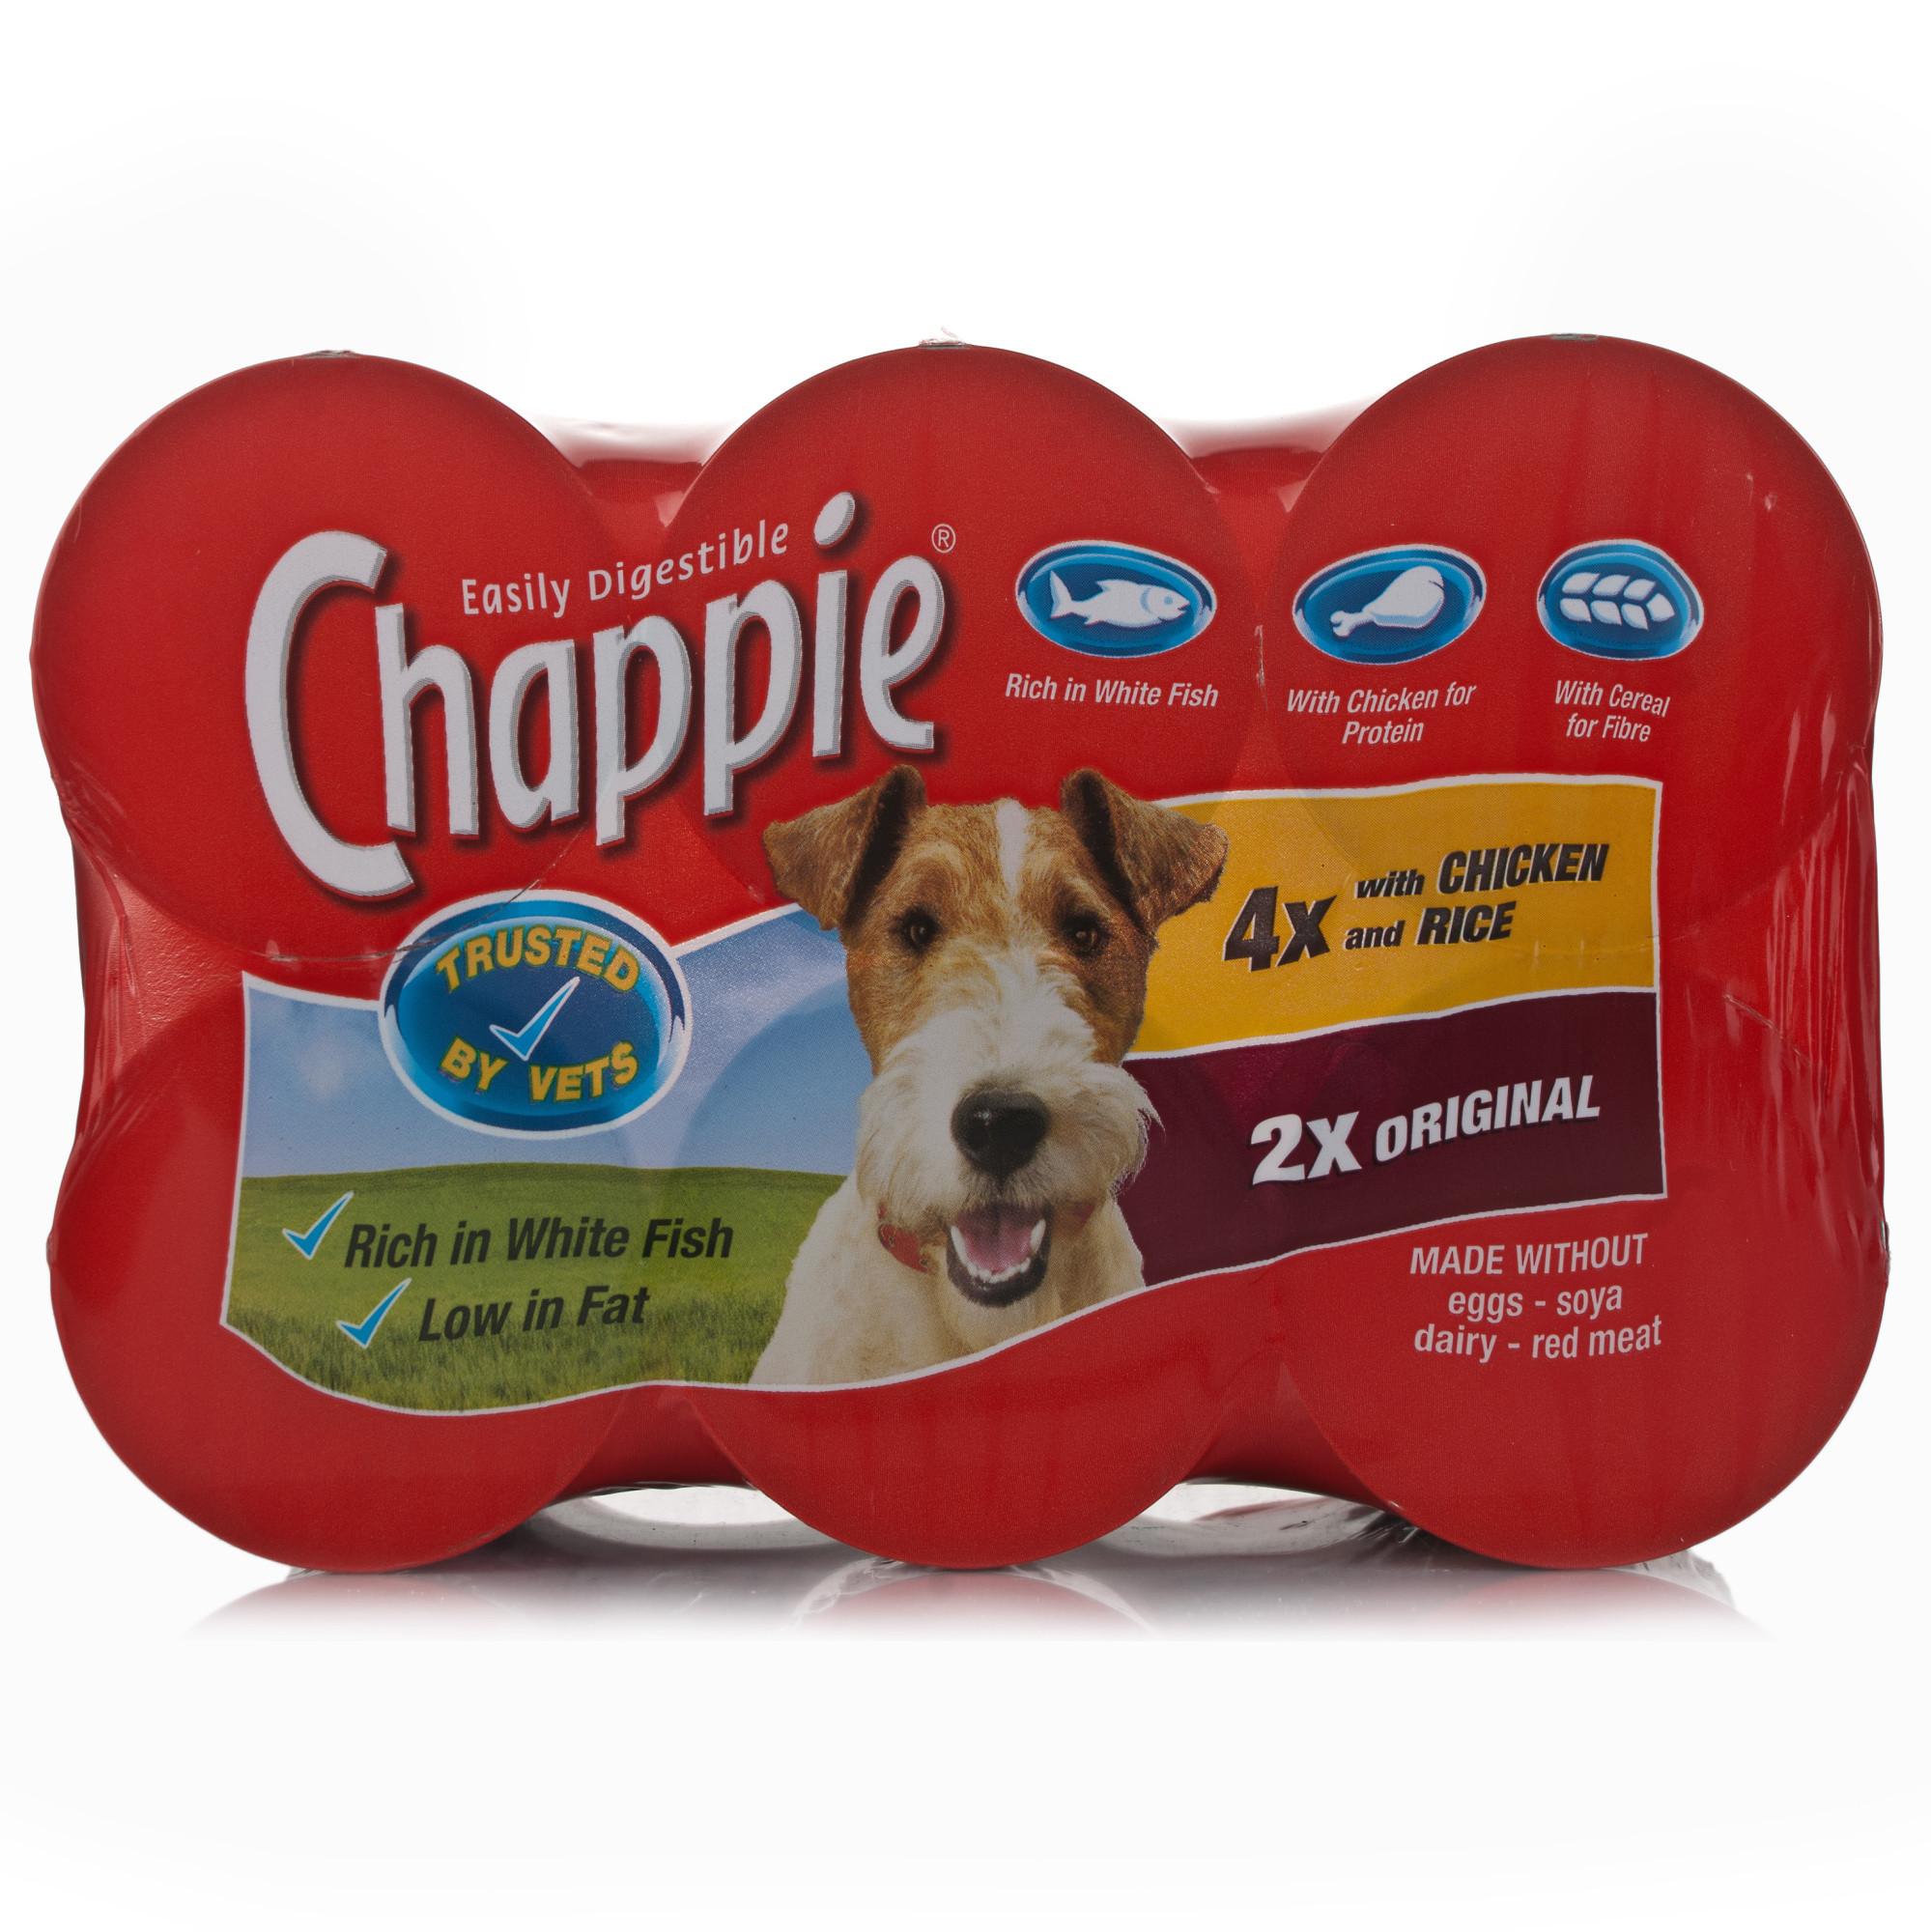 Chappie Dog Food Uk